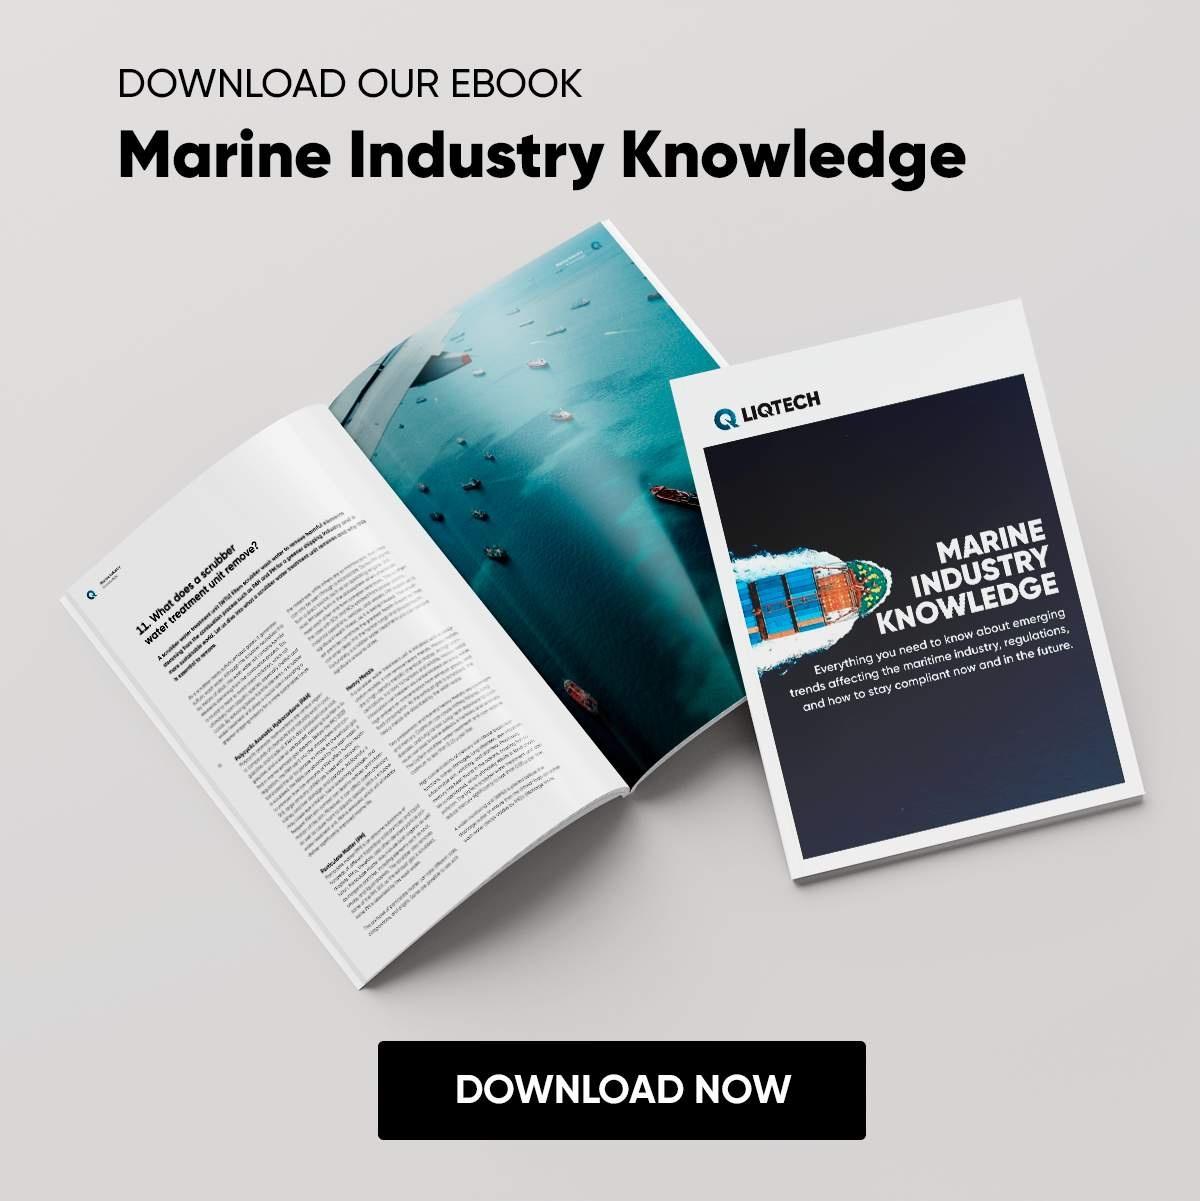 Download Marine Industry Knowledge Ebook